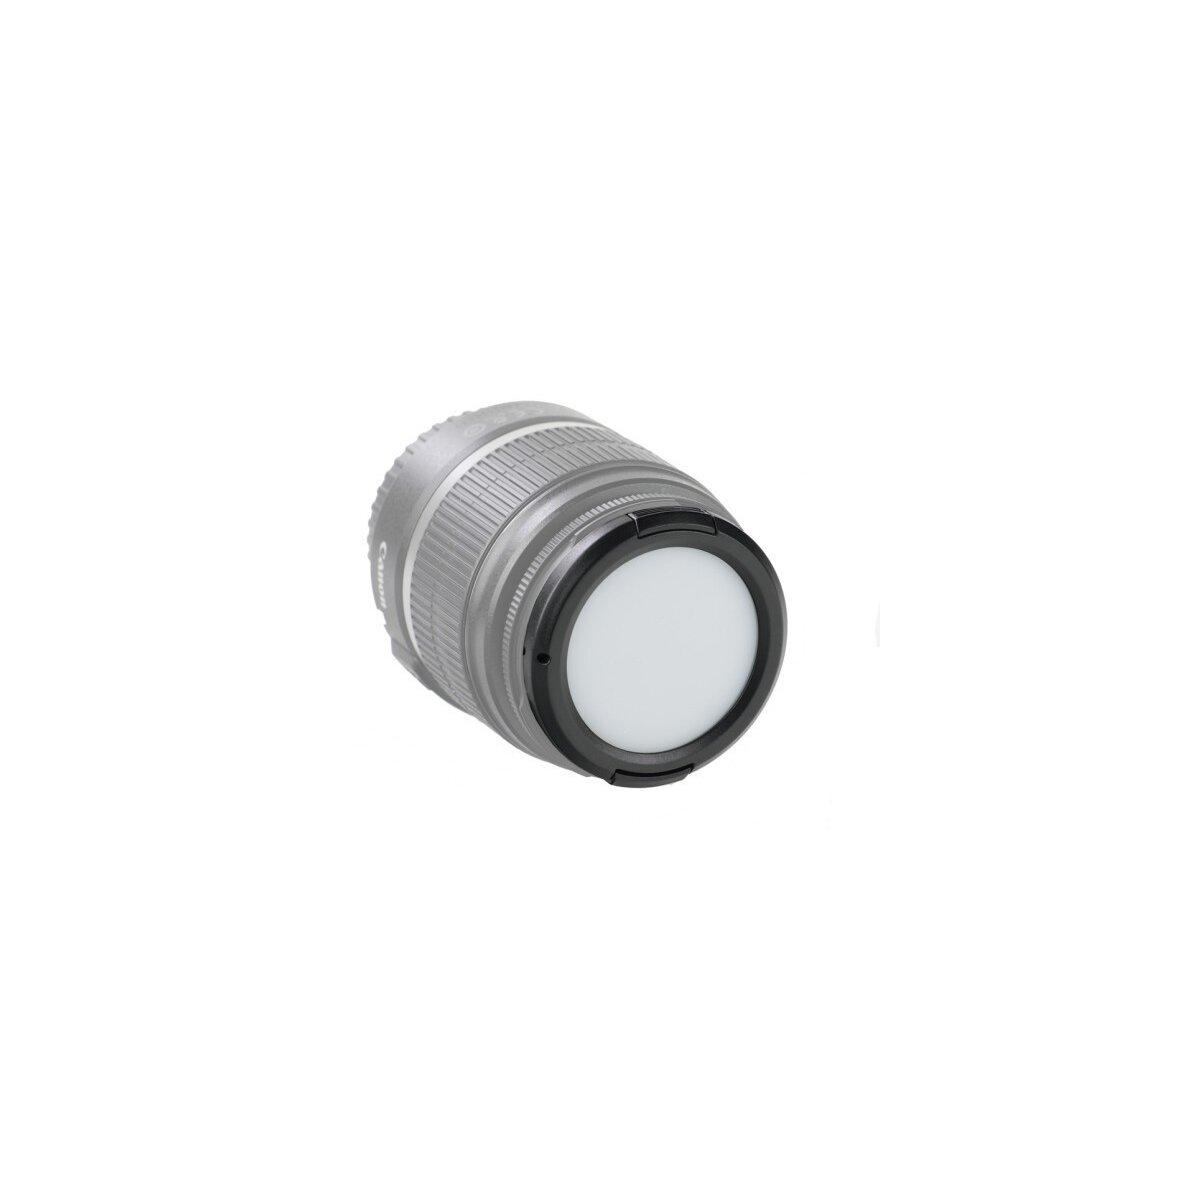 Weißabgleich Schnappdeckel 49mm - White Balance Cap 49mm - Graukarte, Objektivdeckel